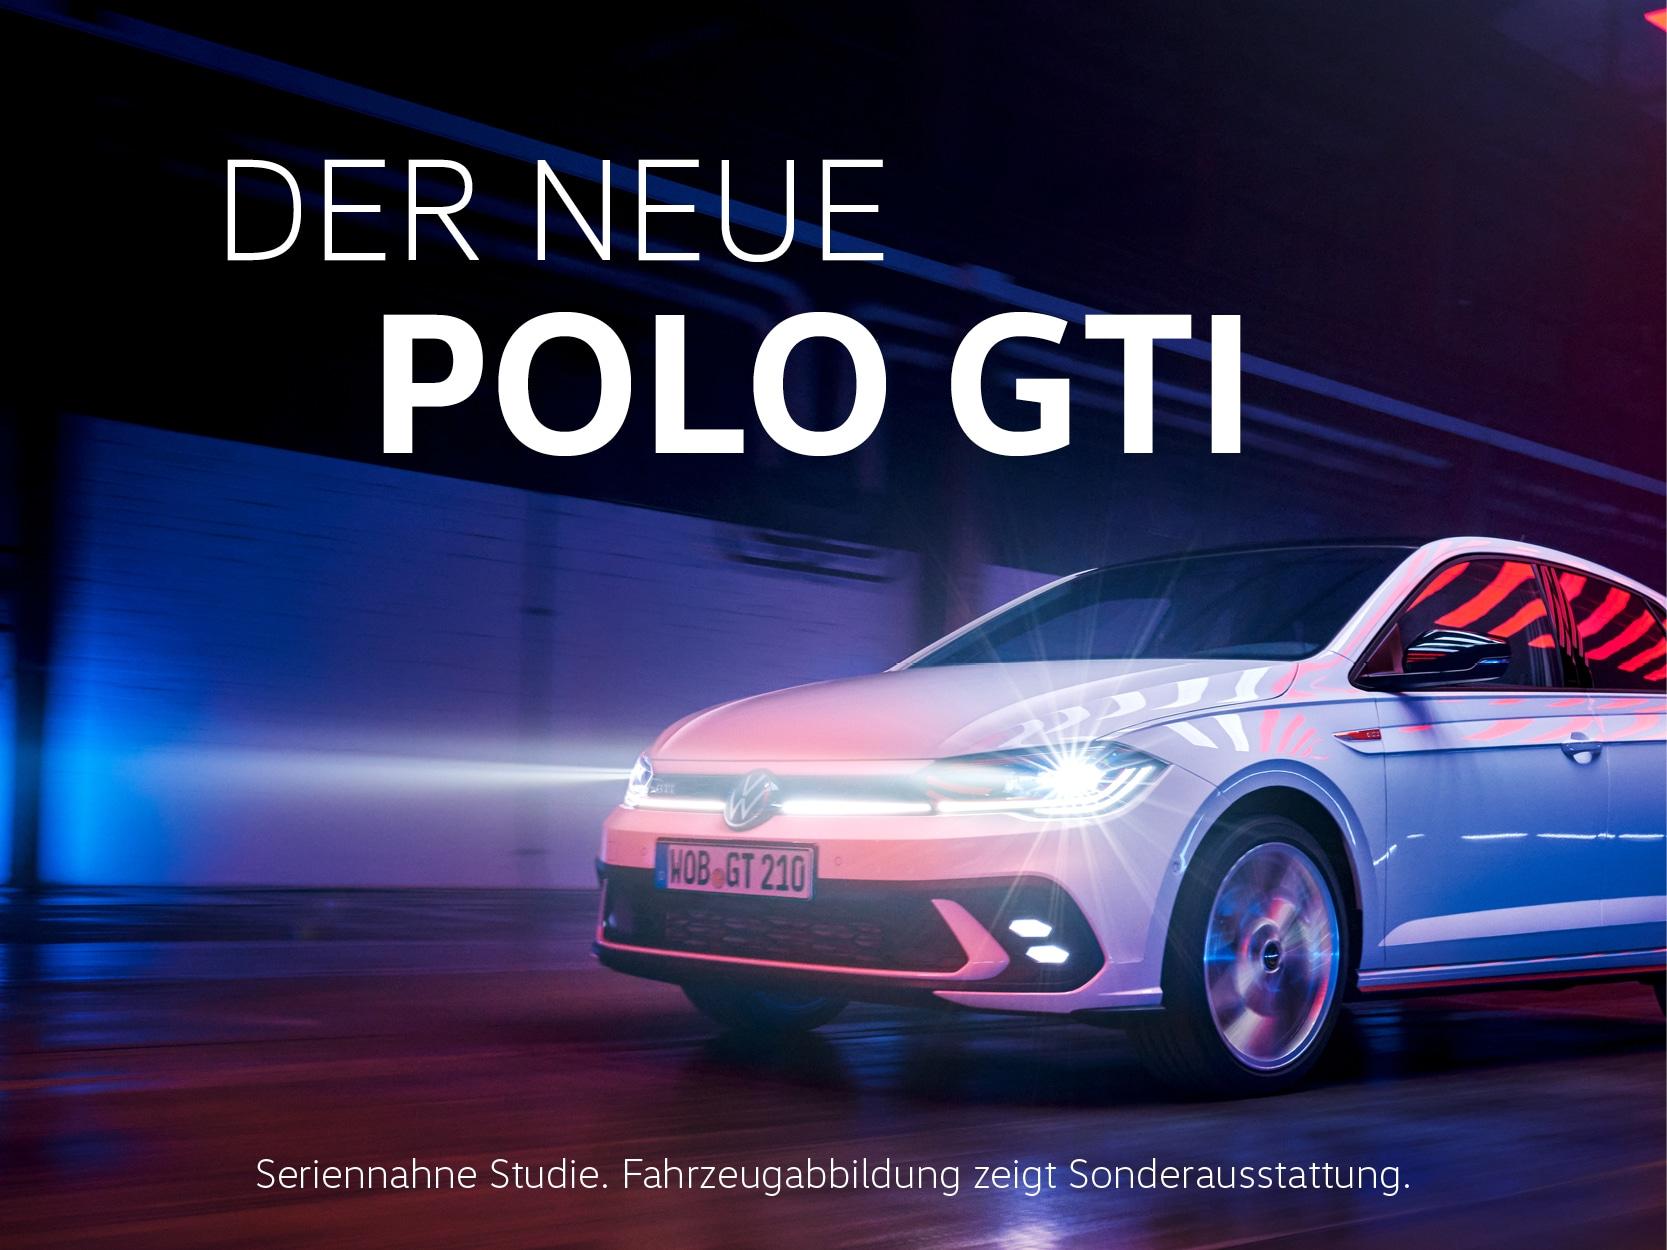 Der neue Polo GTI.